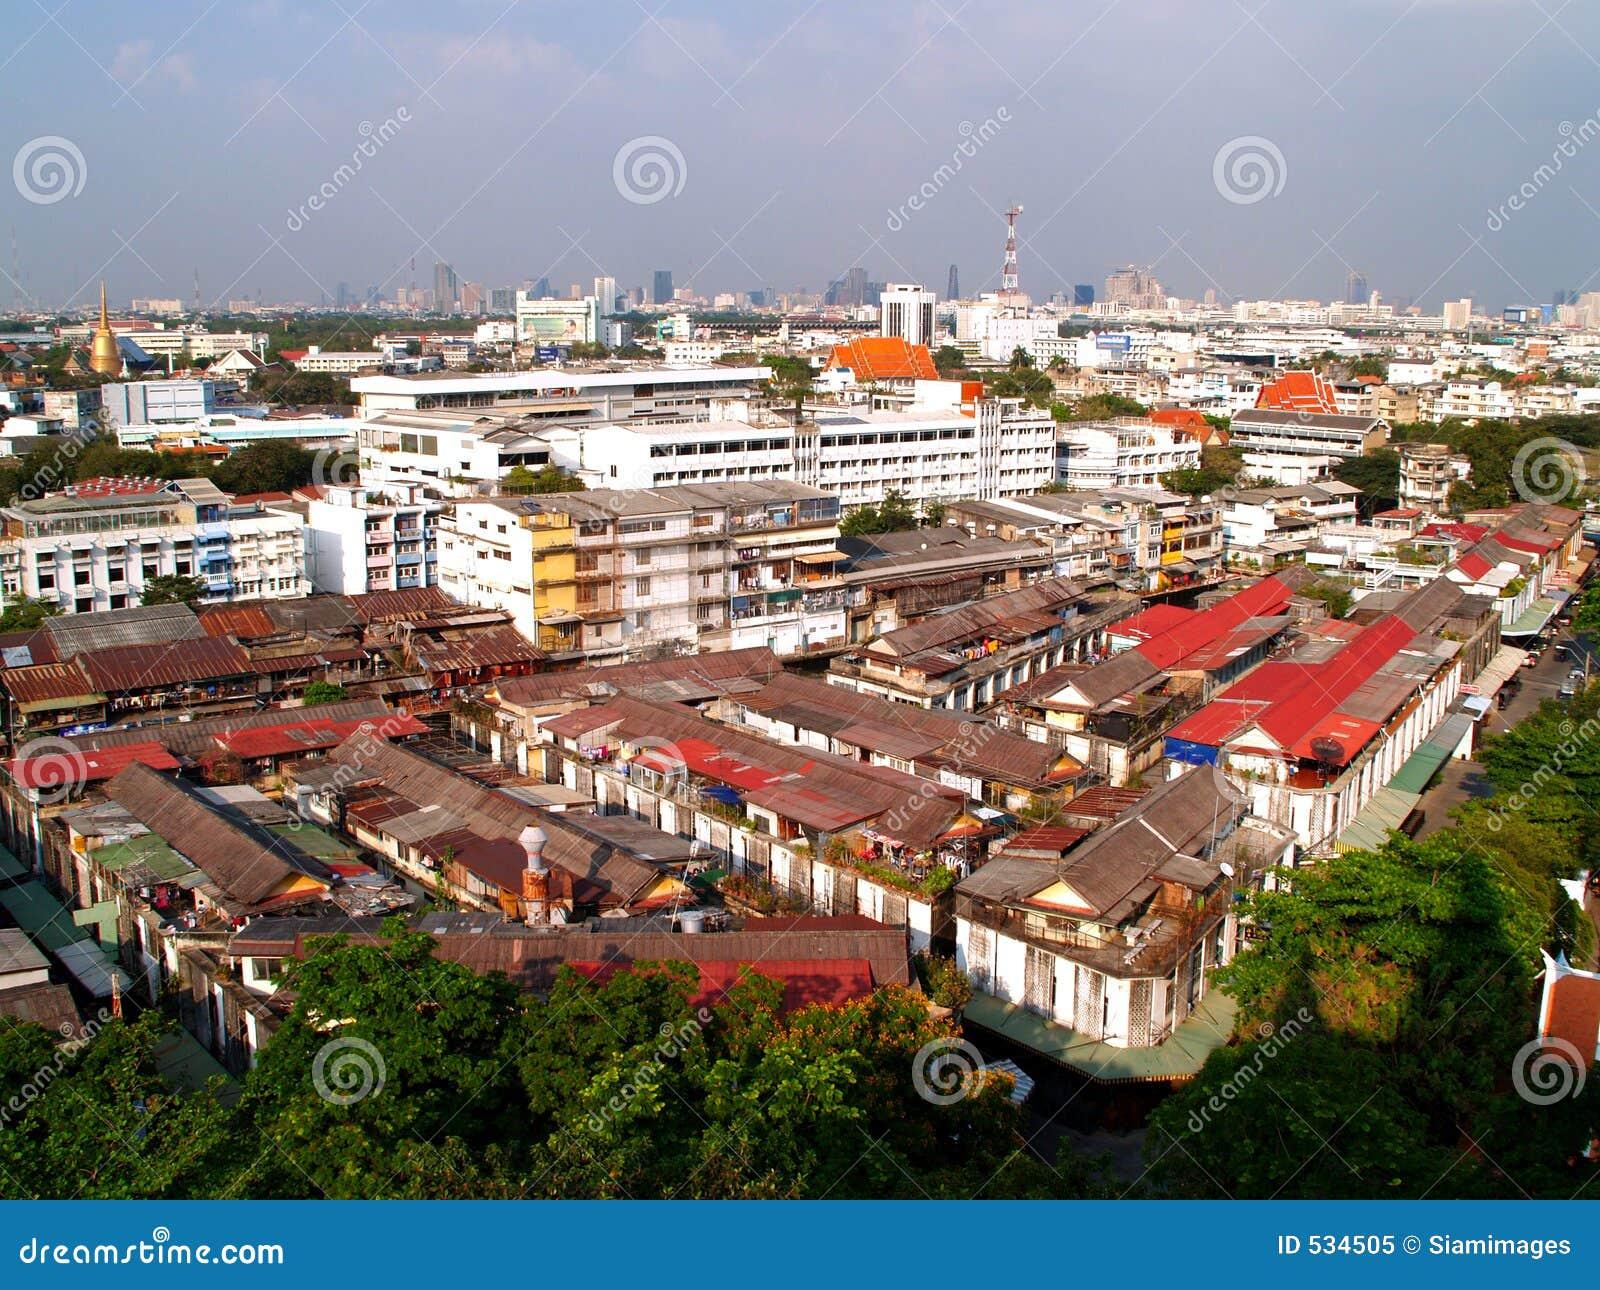 Download 04曼谷视图 库存图片. 图片 包括有 中央, 布哈拉, 资本, 泰国, 天空, 城市, 拱道, 运输, 摩天大楼 - 534505